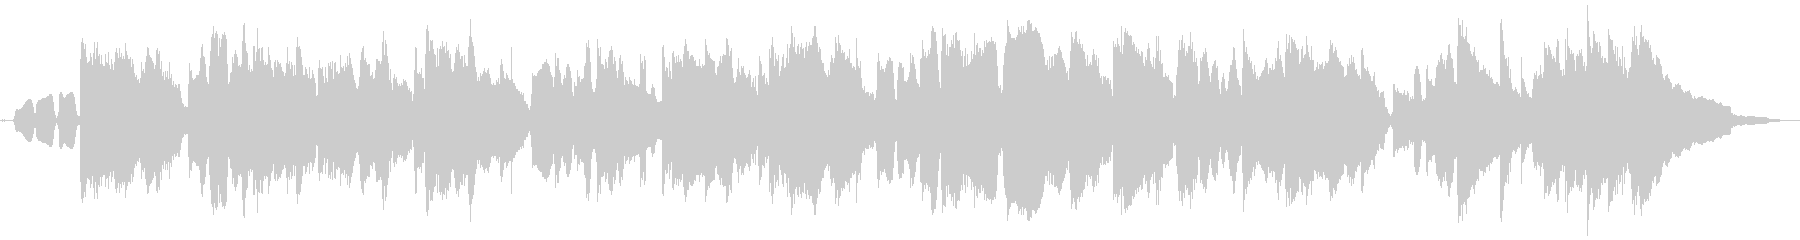 ハーモニカ生演奏ほのぼのカントリーロックの未再生の波形